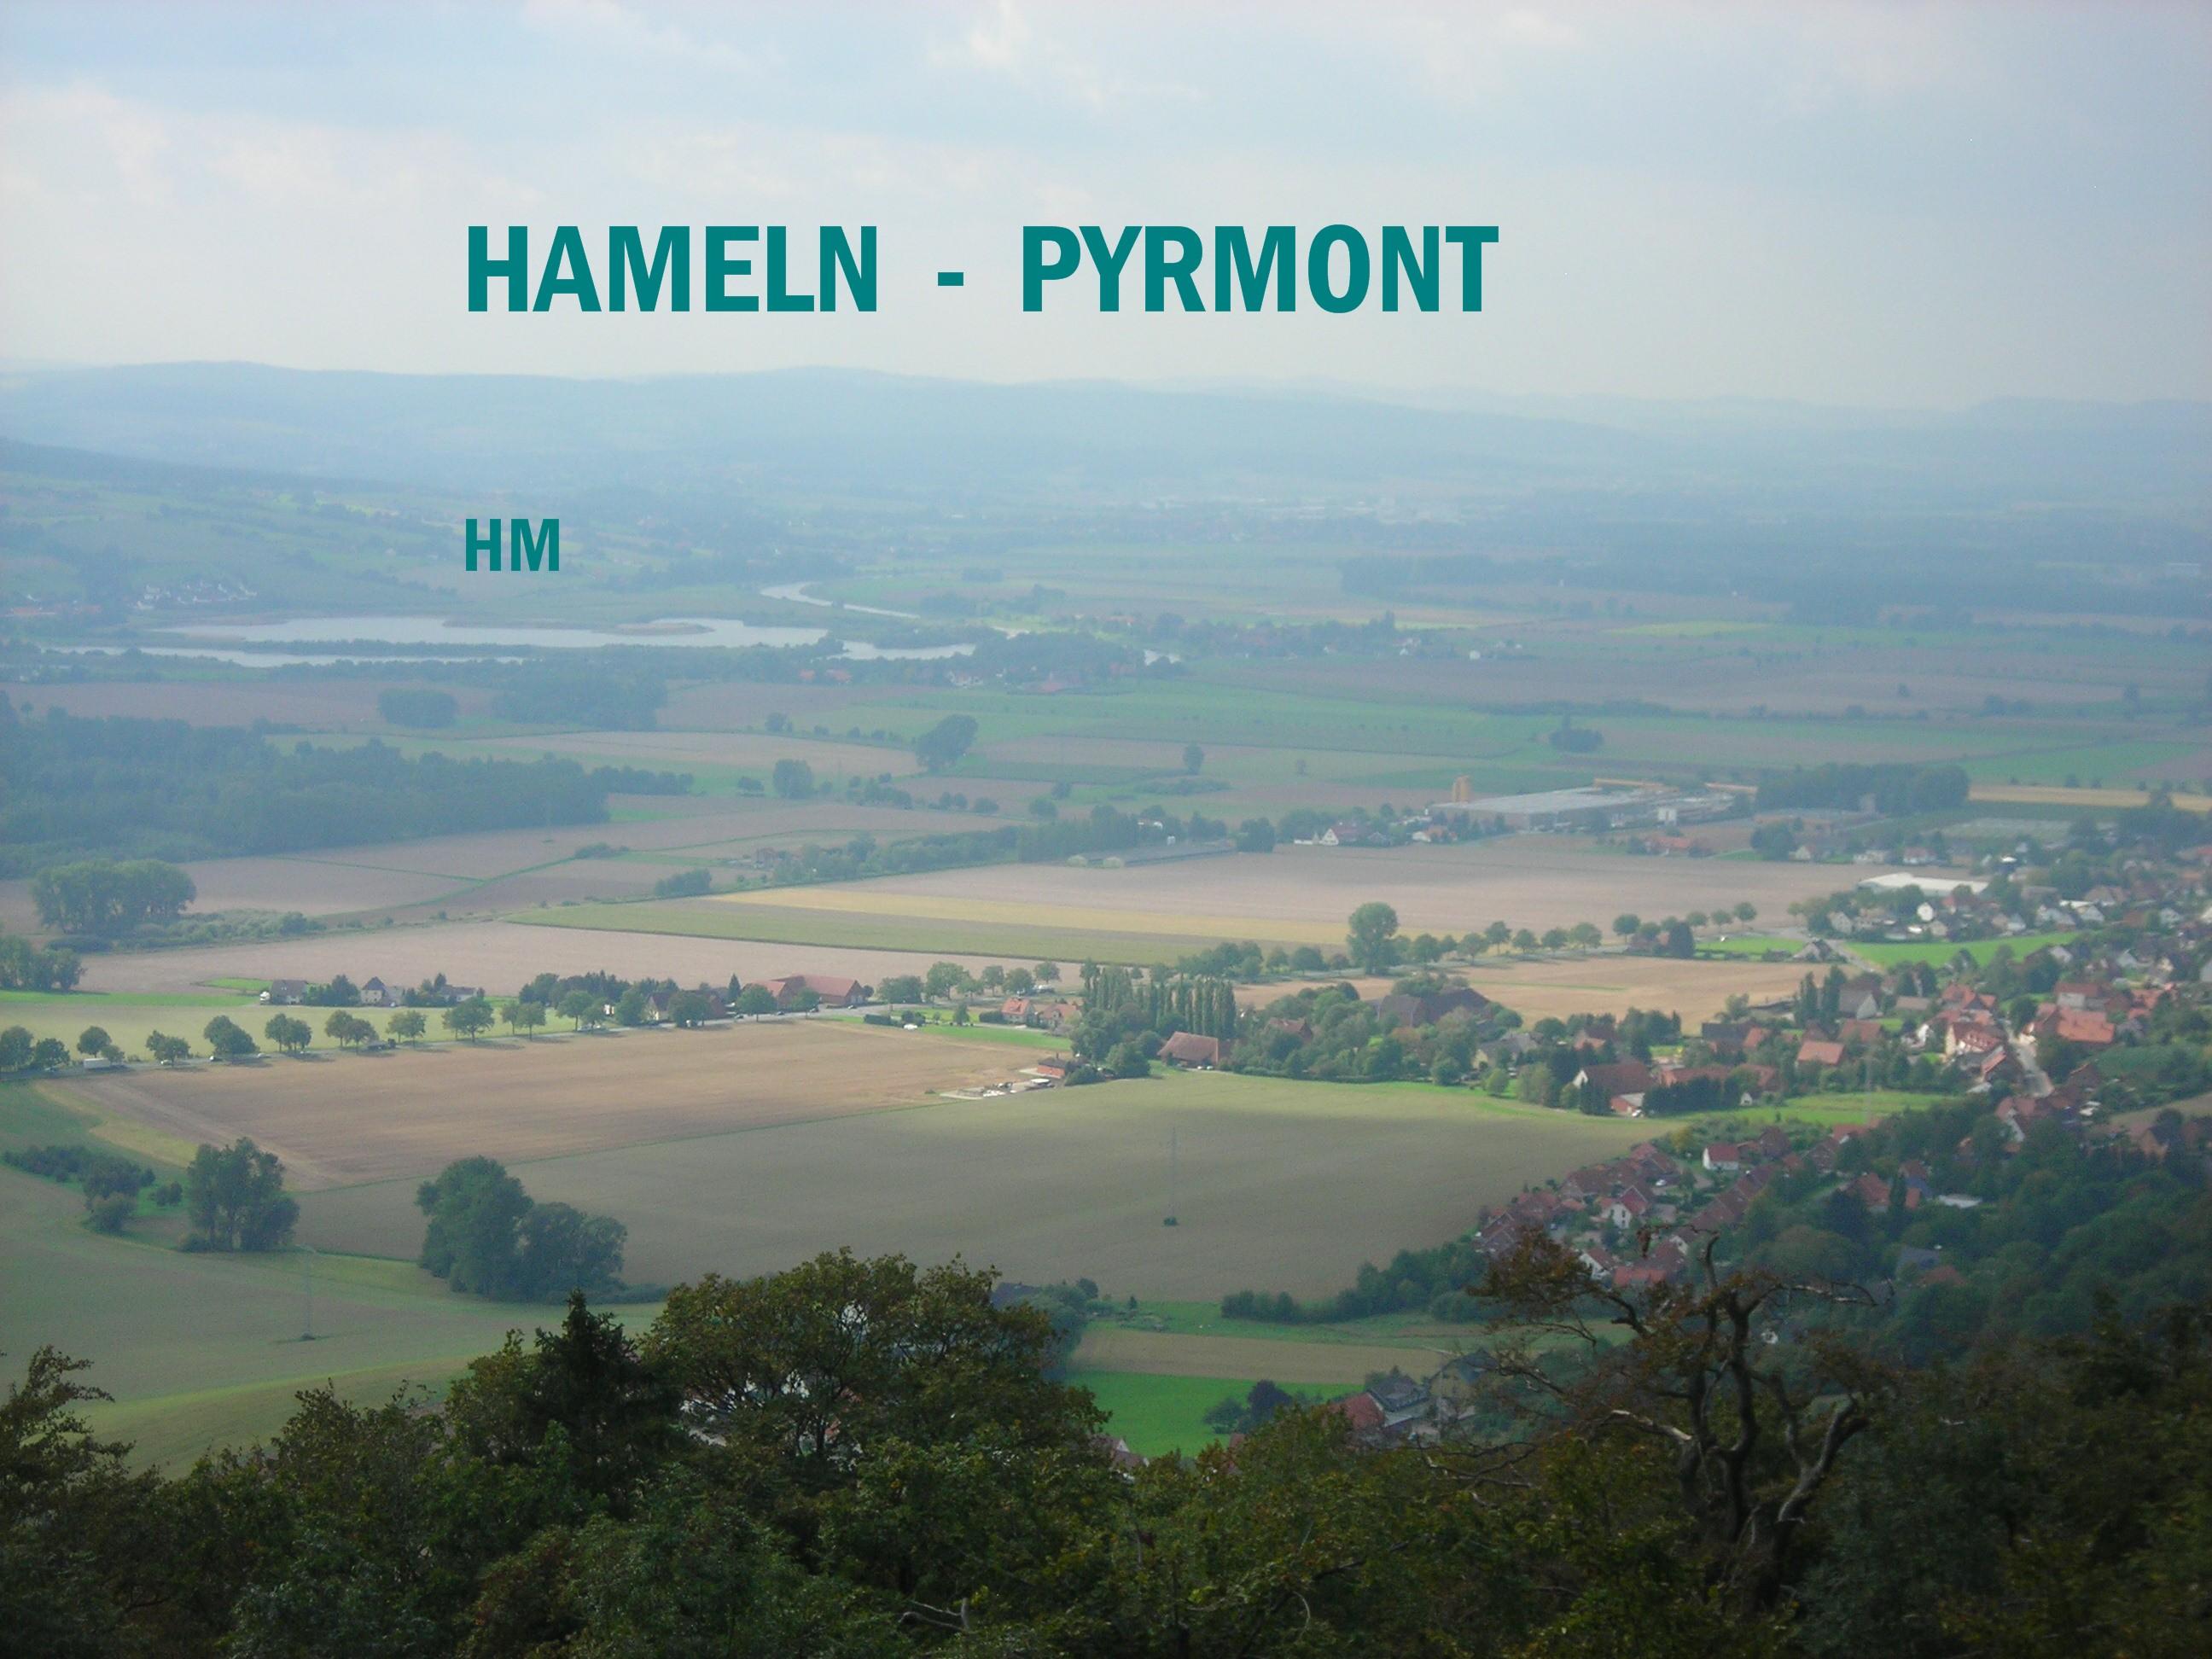 f-40-hameln-pyrmont-